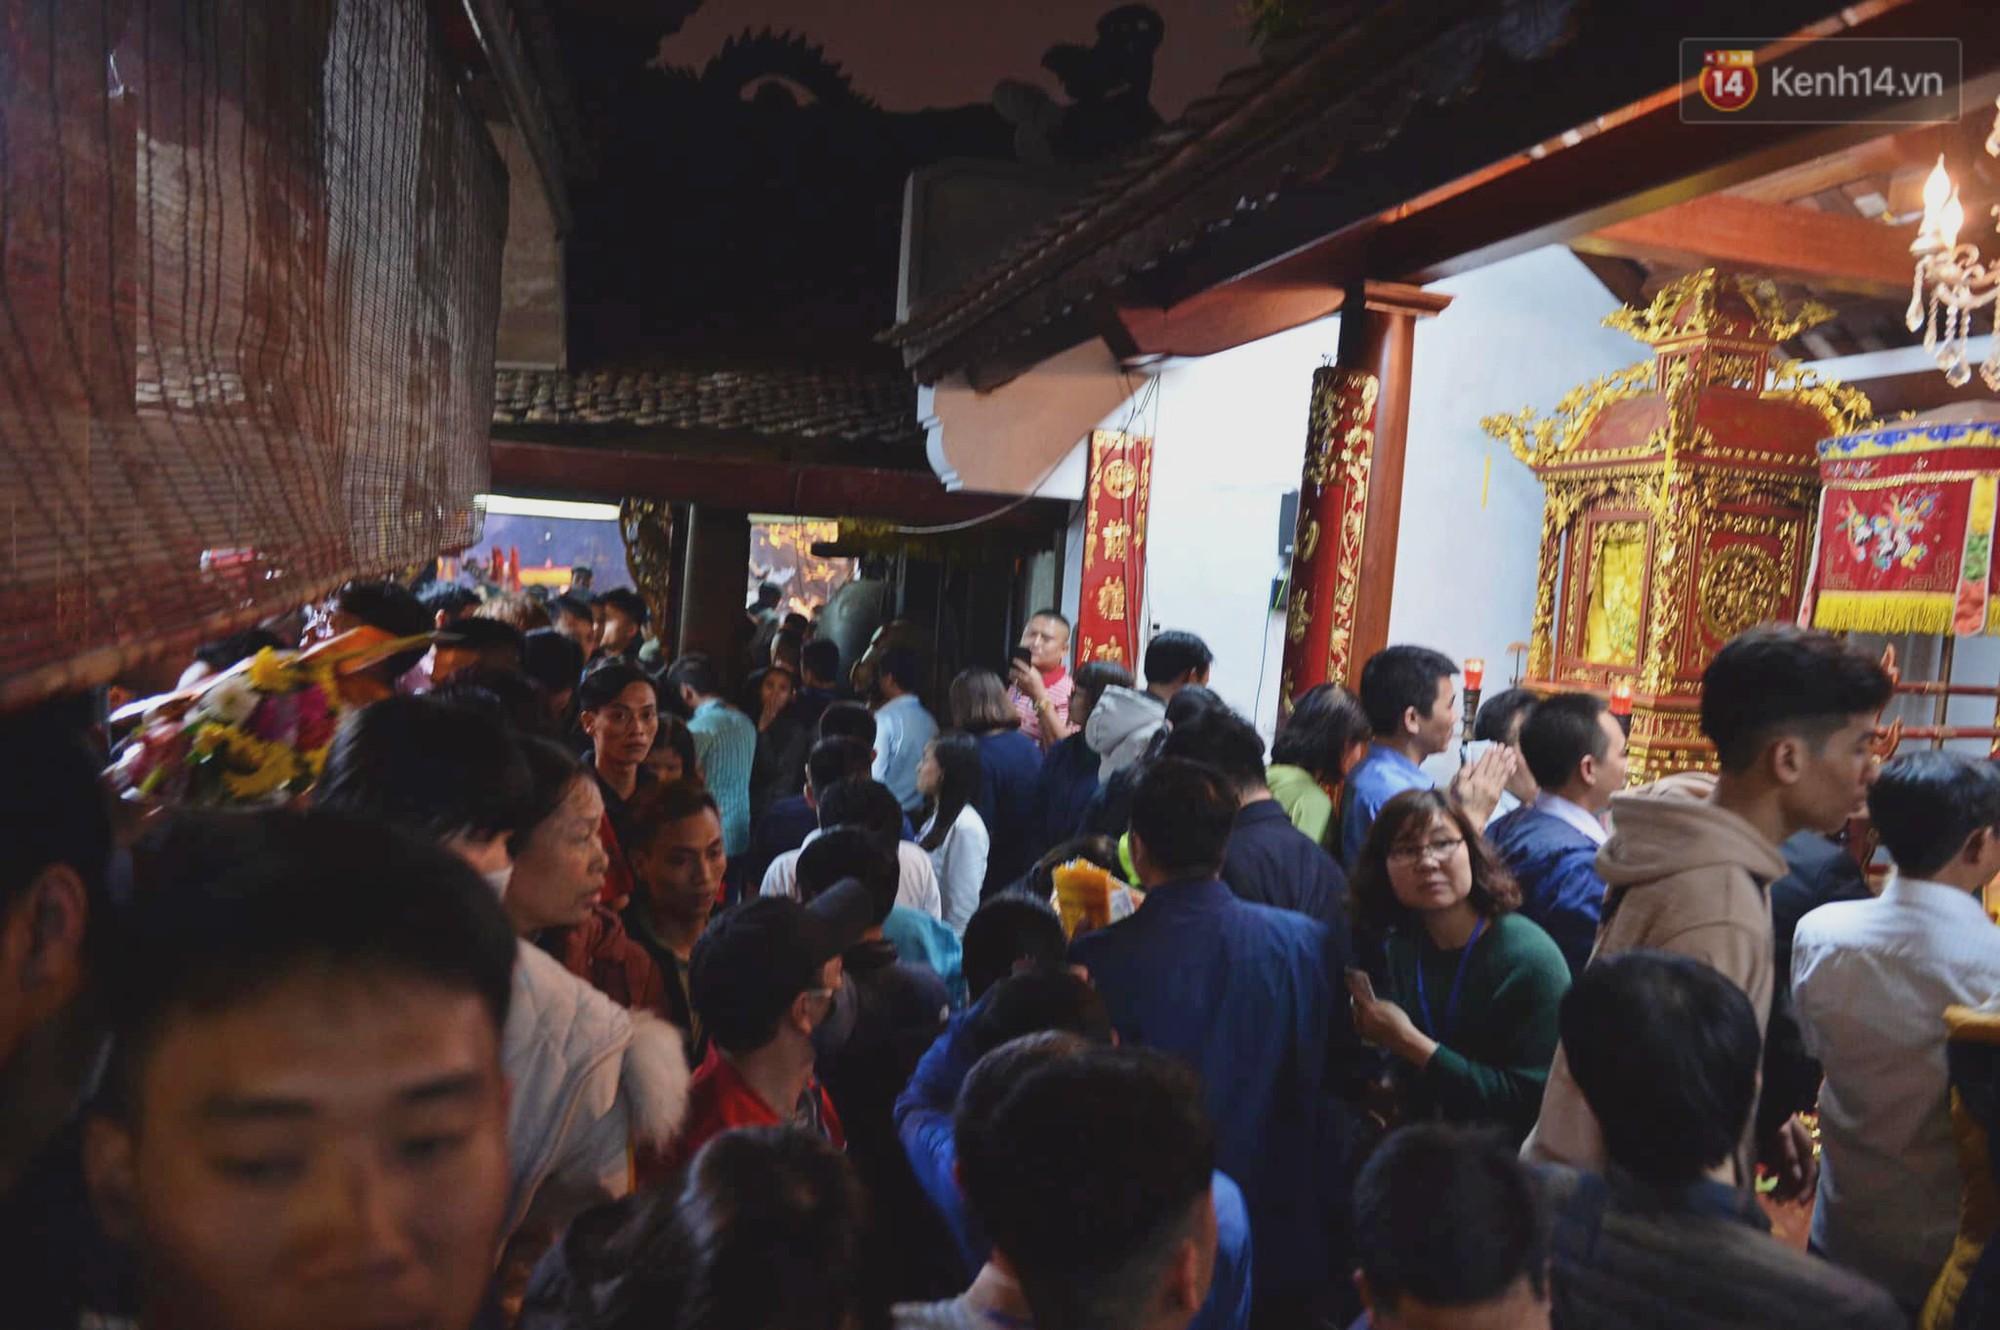 Người dân ném tiền vào kiệu ấn trước giờ khai hội tại Đền Trần - Ảnh 15.